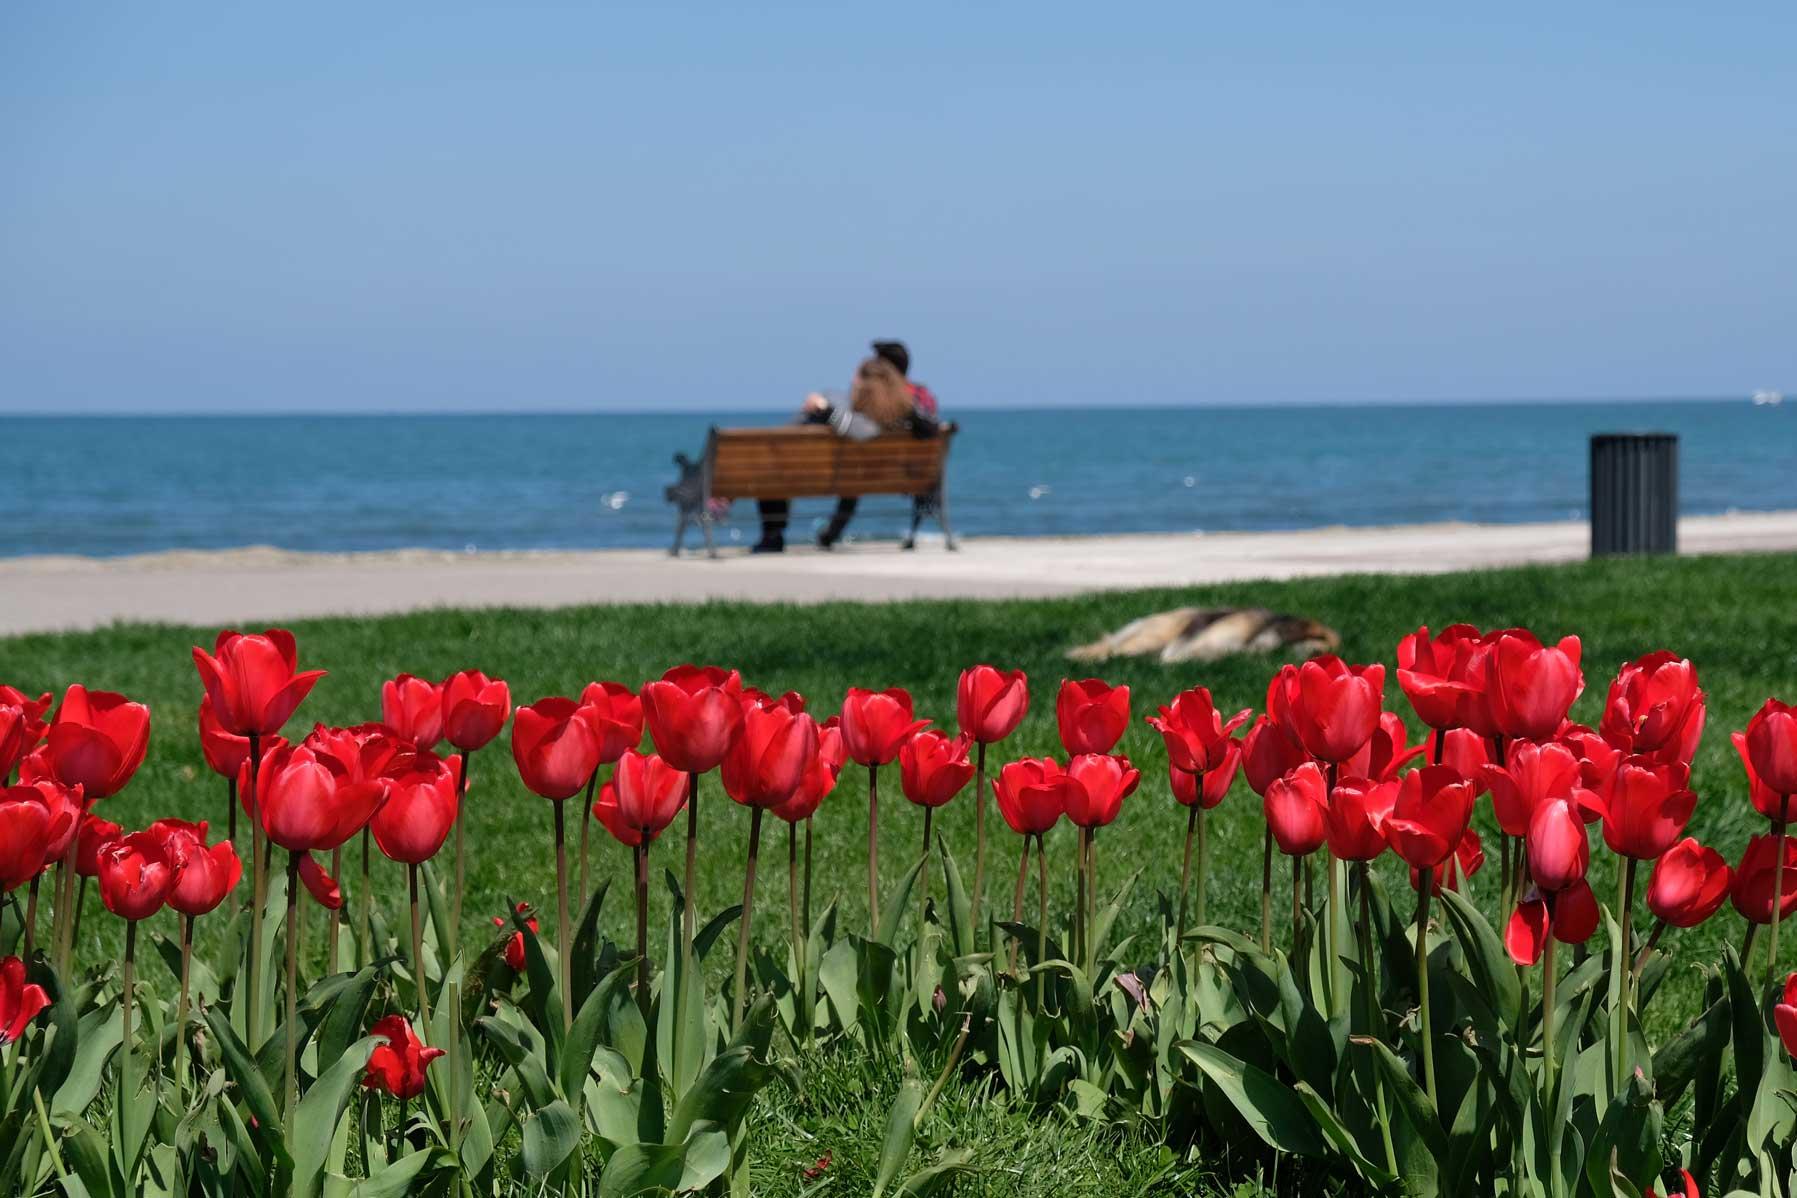 Tulpenbüte in Ordu. Im Hintergrund genießt ein Pärchen das sonnige Wetter.